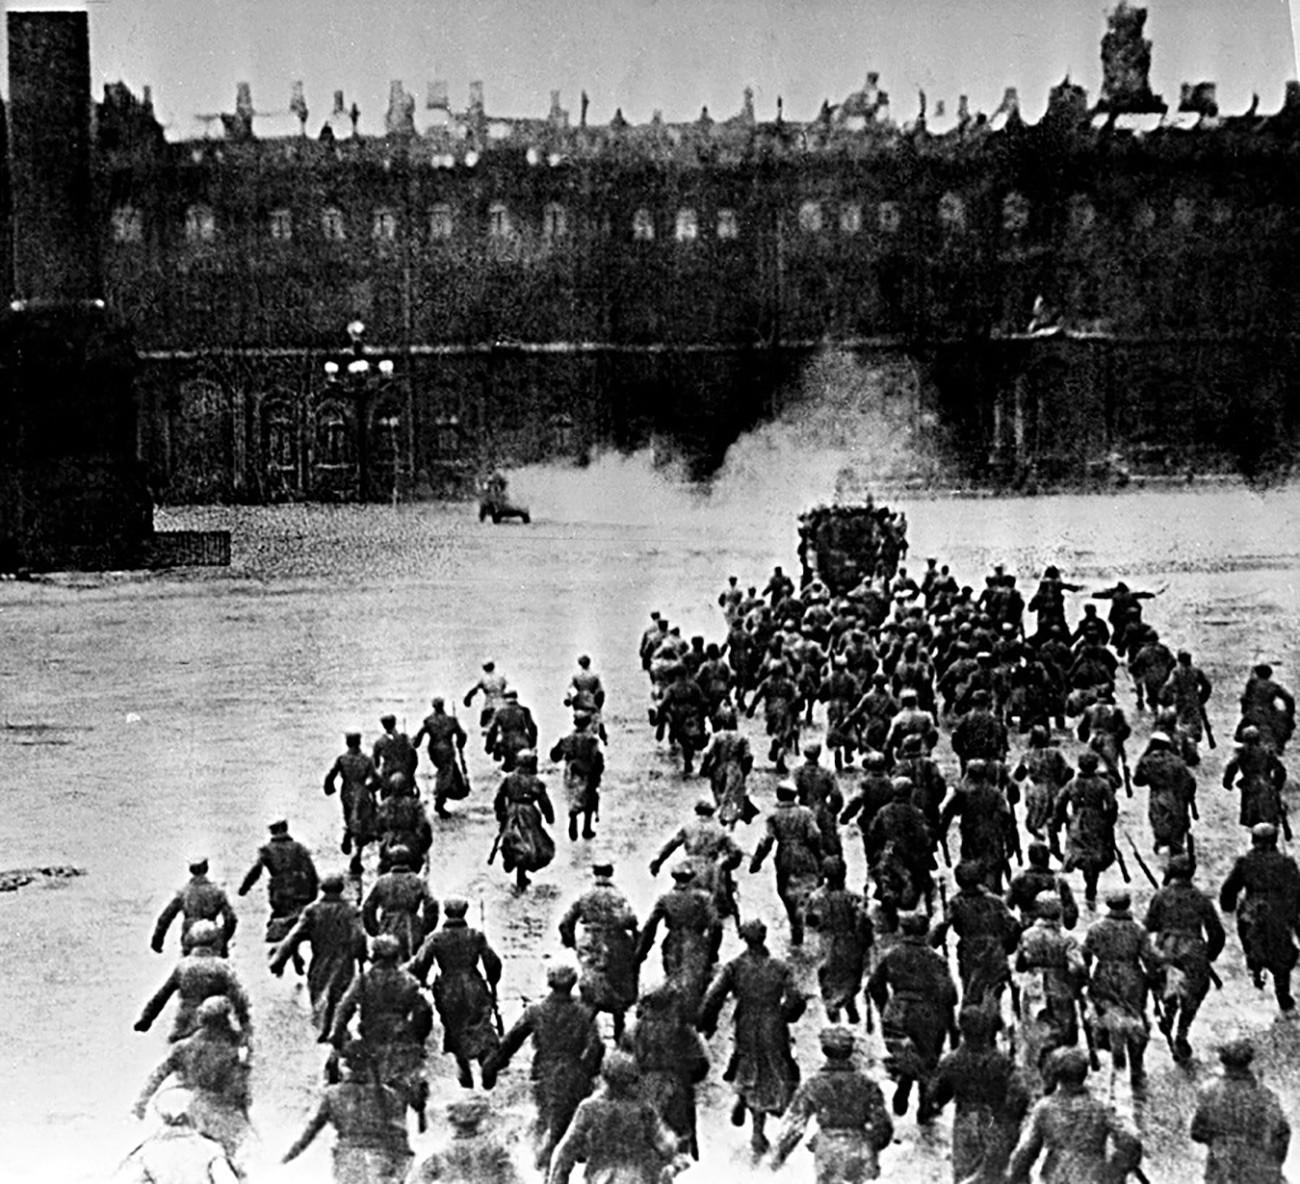 Asalto al Palacio de Invierno de Petrogrado, 1917